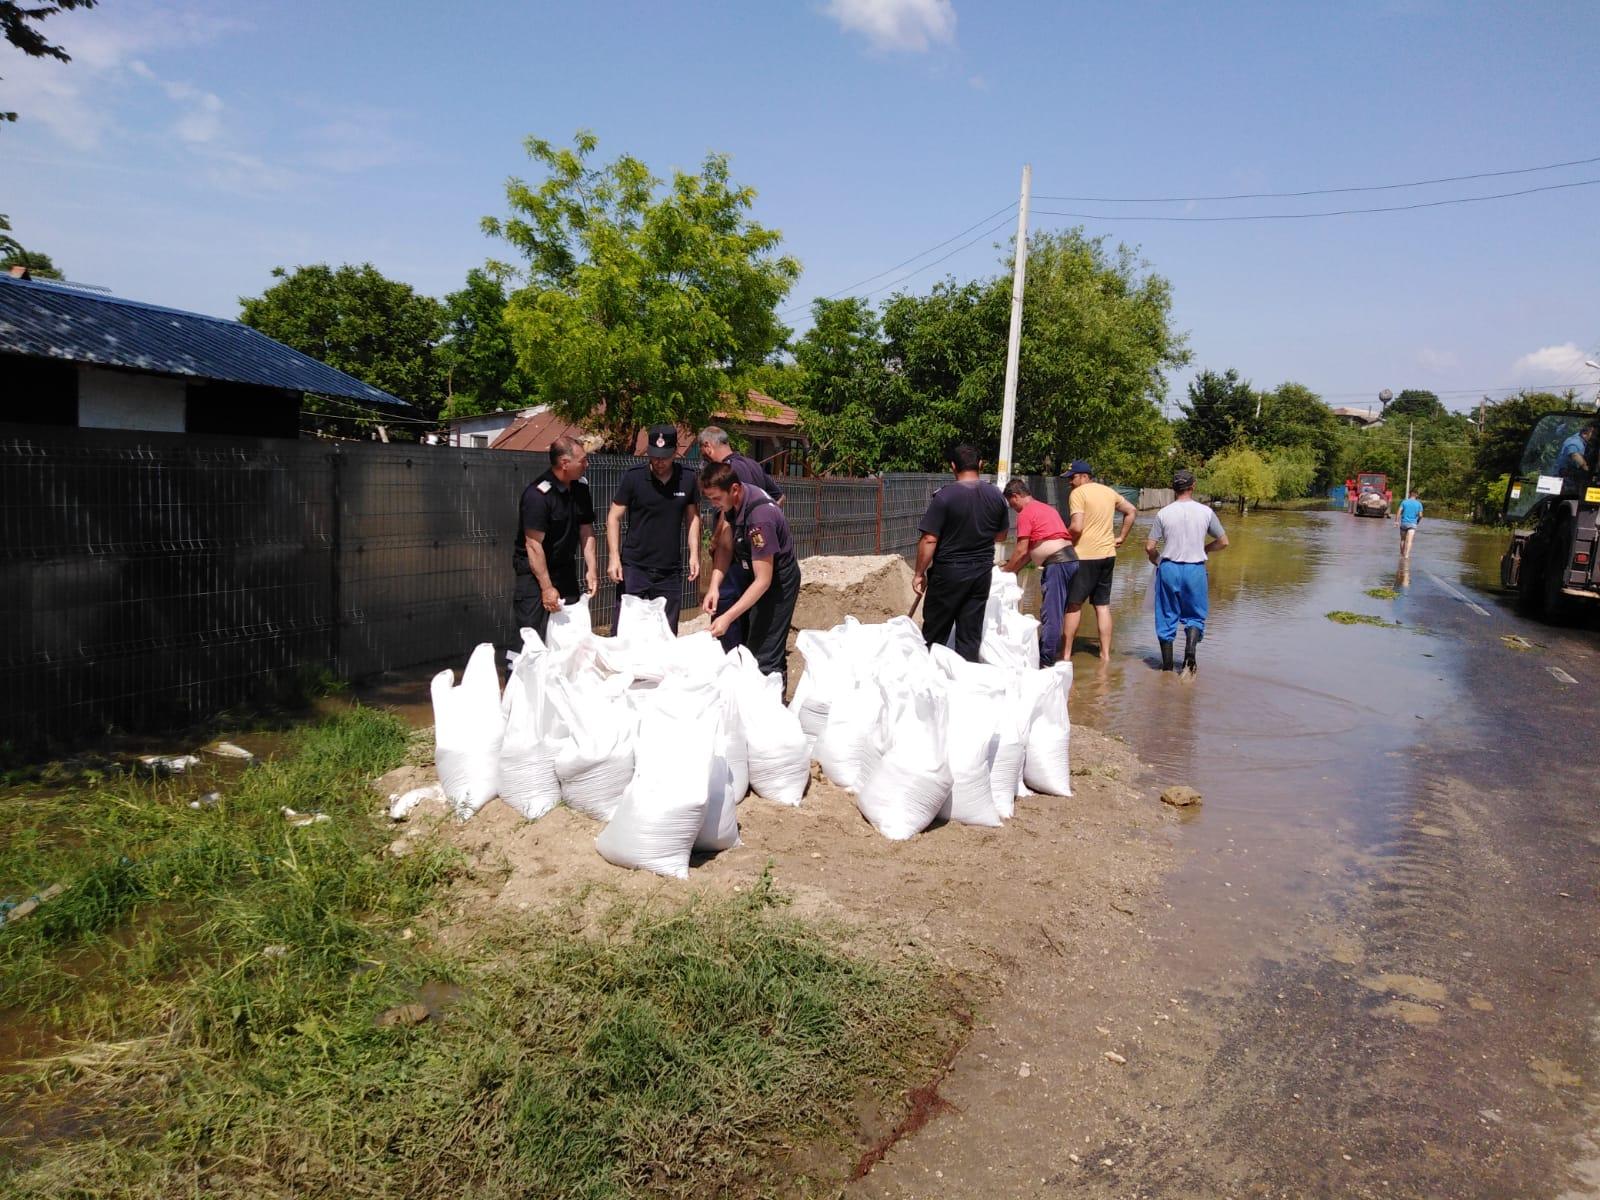 35 de gospodării au fost inundate în localitatea Băbăiţa. Pompierii pun saci cu nisip pentru protejarea caselor